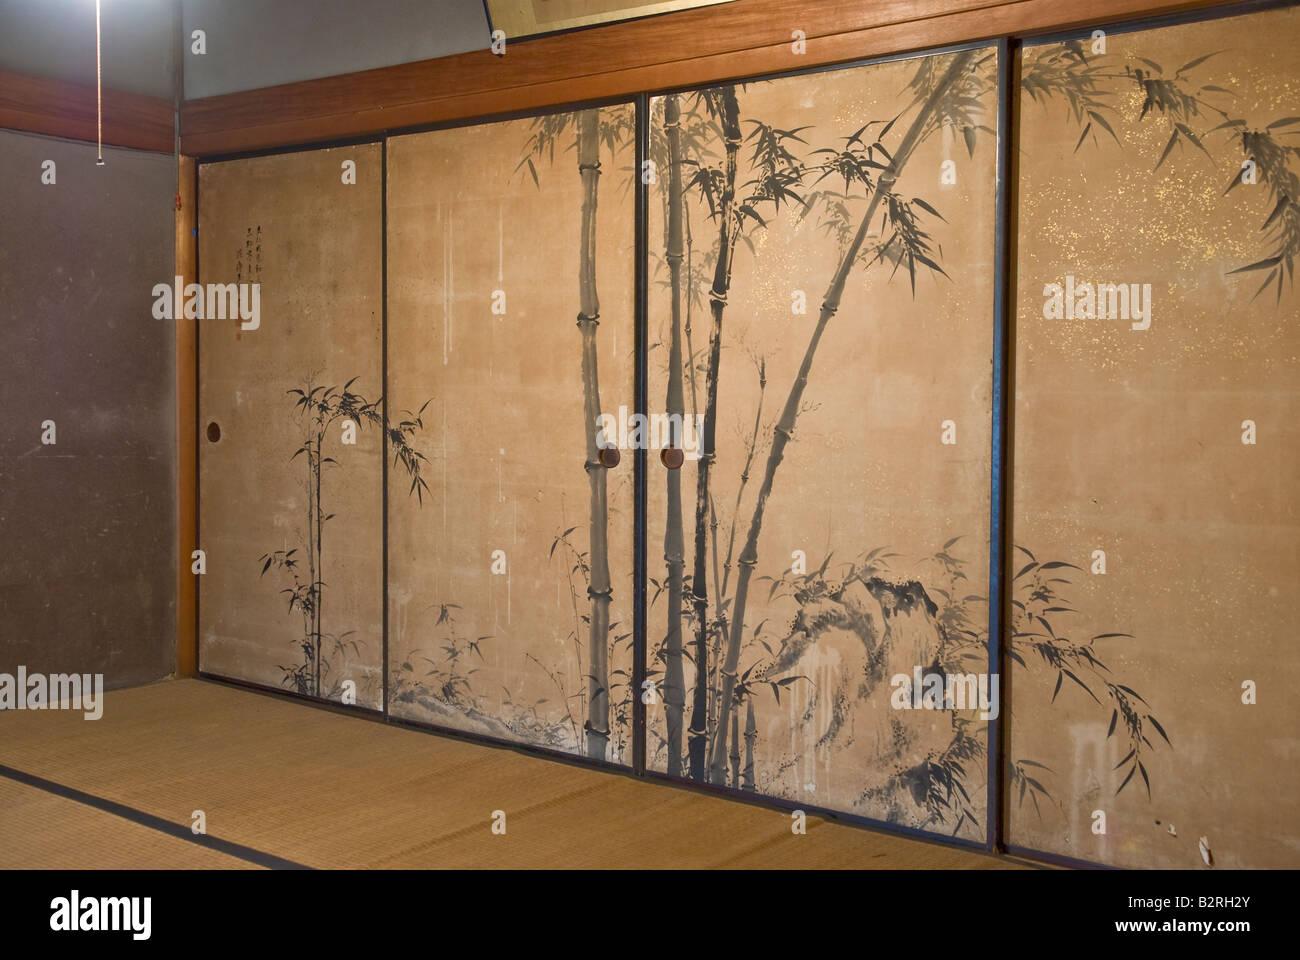 Schrank-Schiebetüren mit Reproduktion Bambusgarten gemalt Stockfoto ...